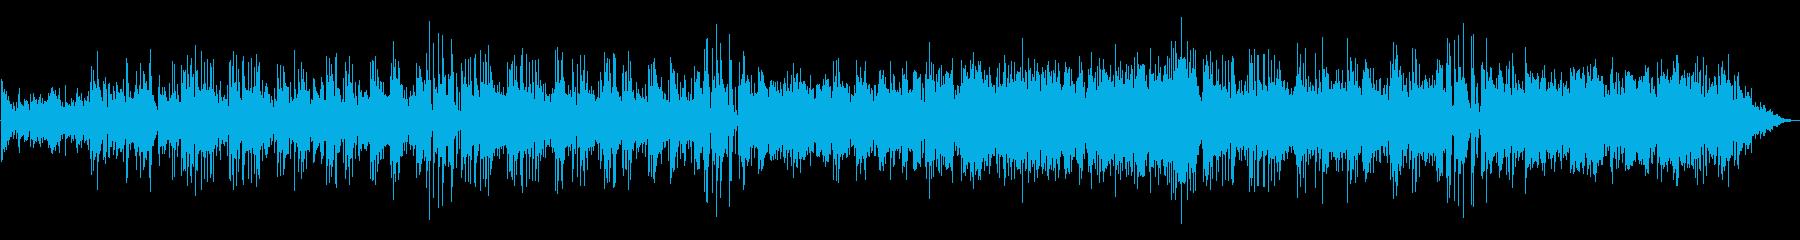 アンニュイな感じのギターサウンドの再生済みの波形